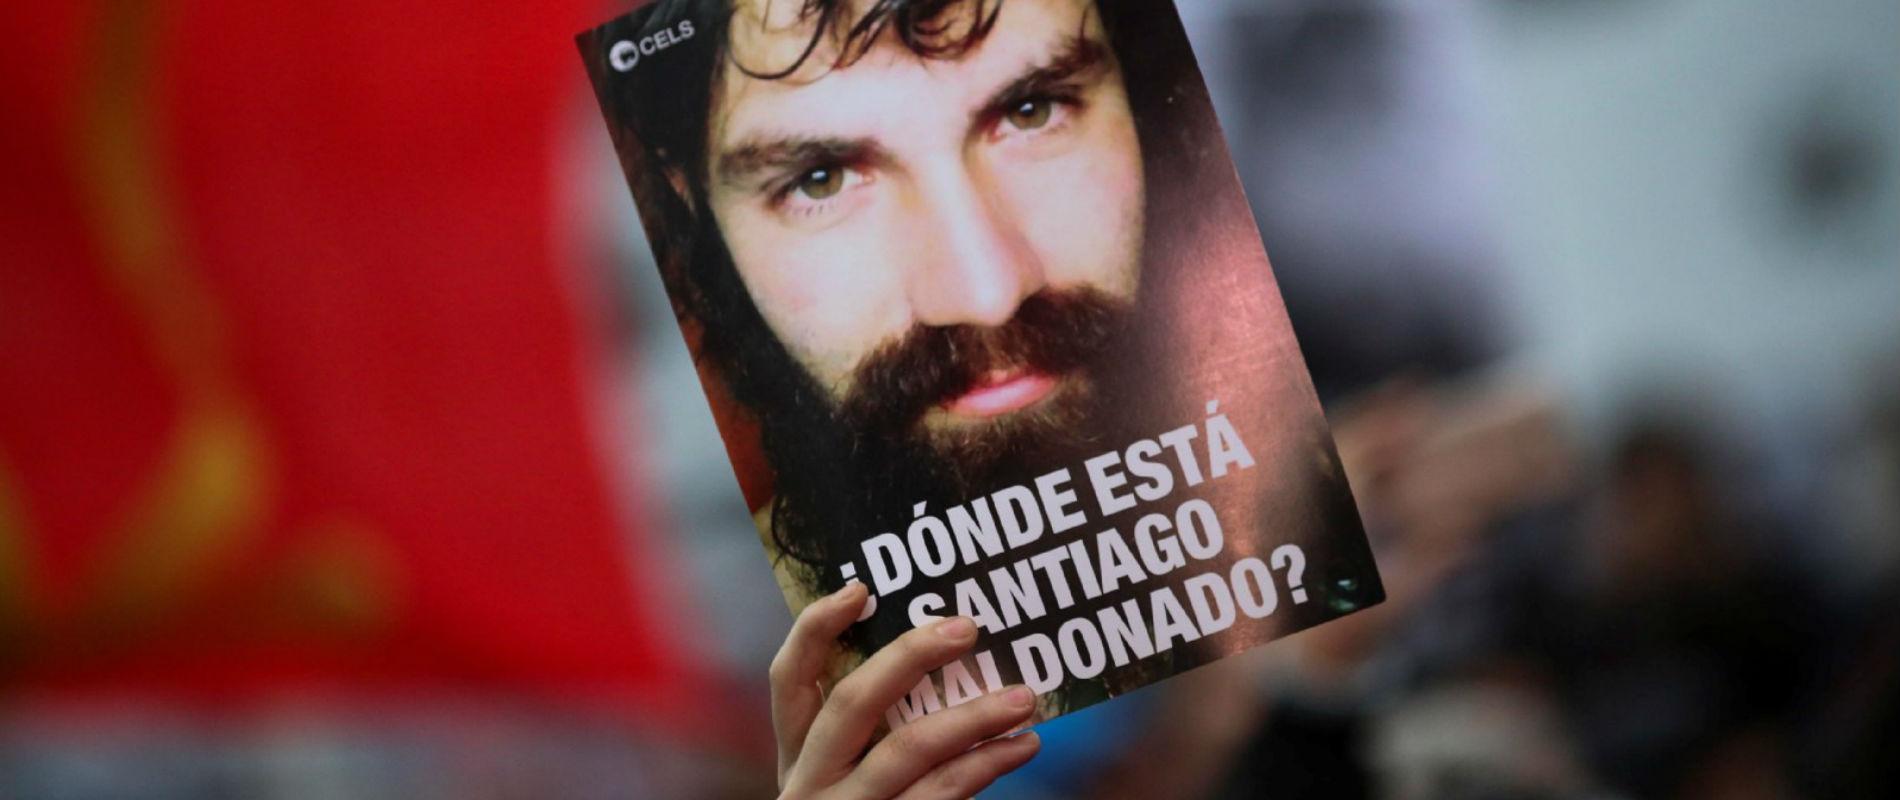 Santiago Maldonado: Dolor. Respeto, Verdad y Justicia